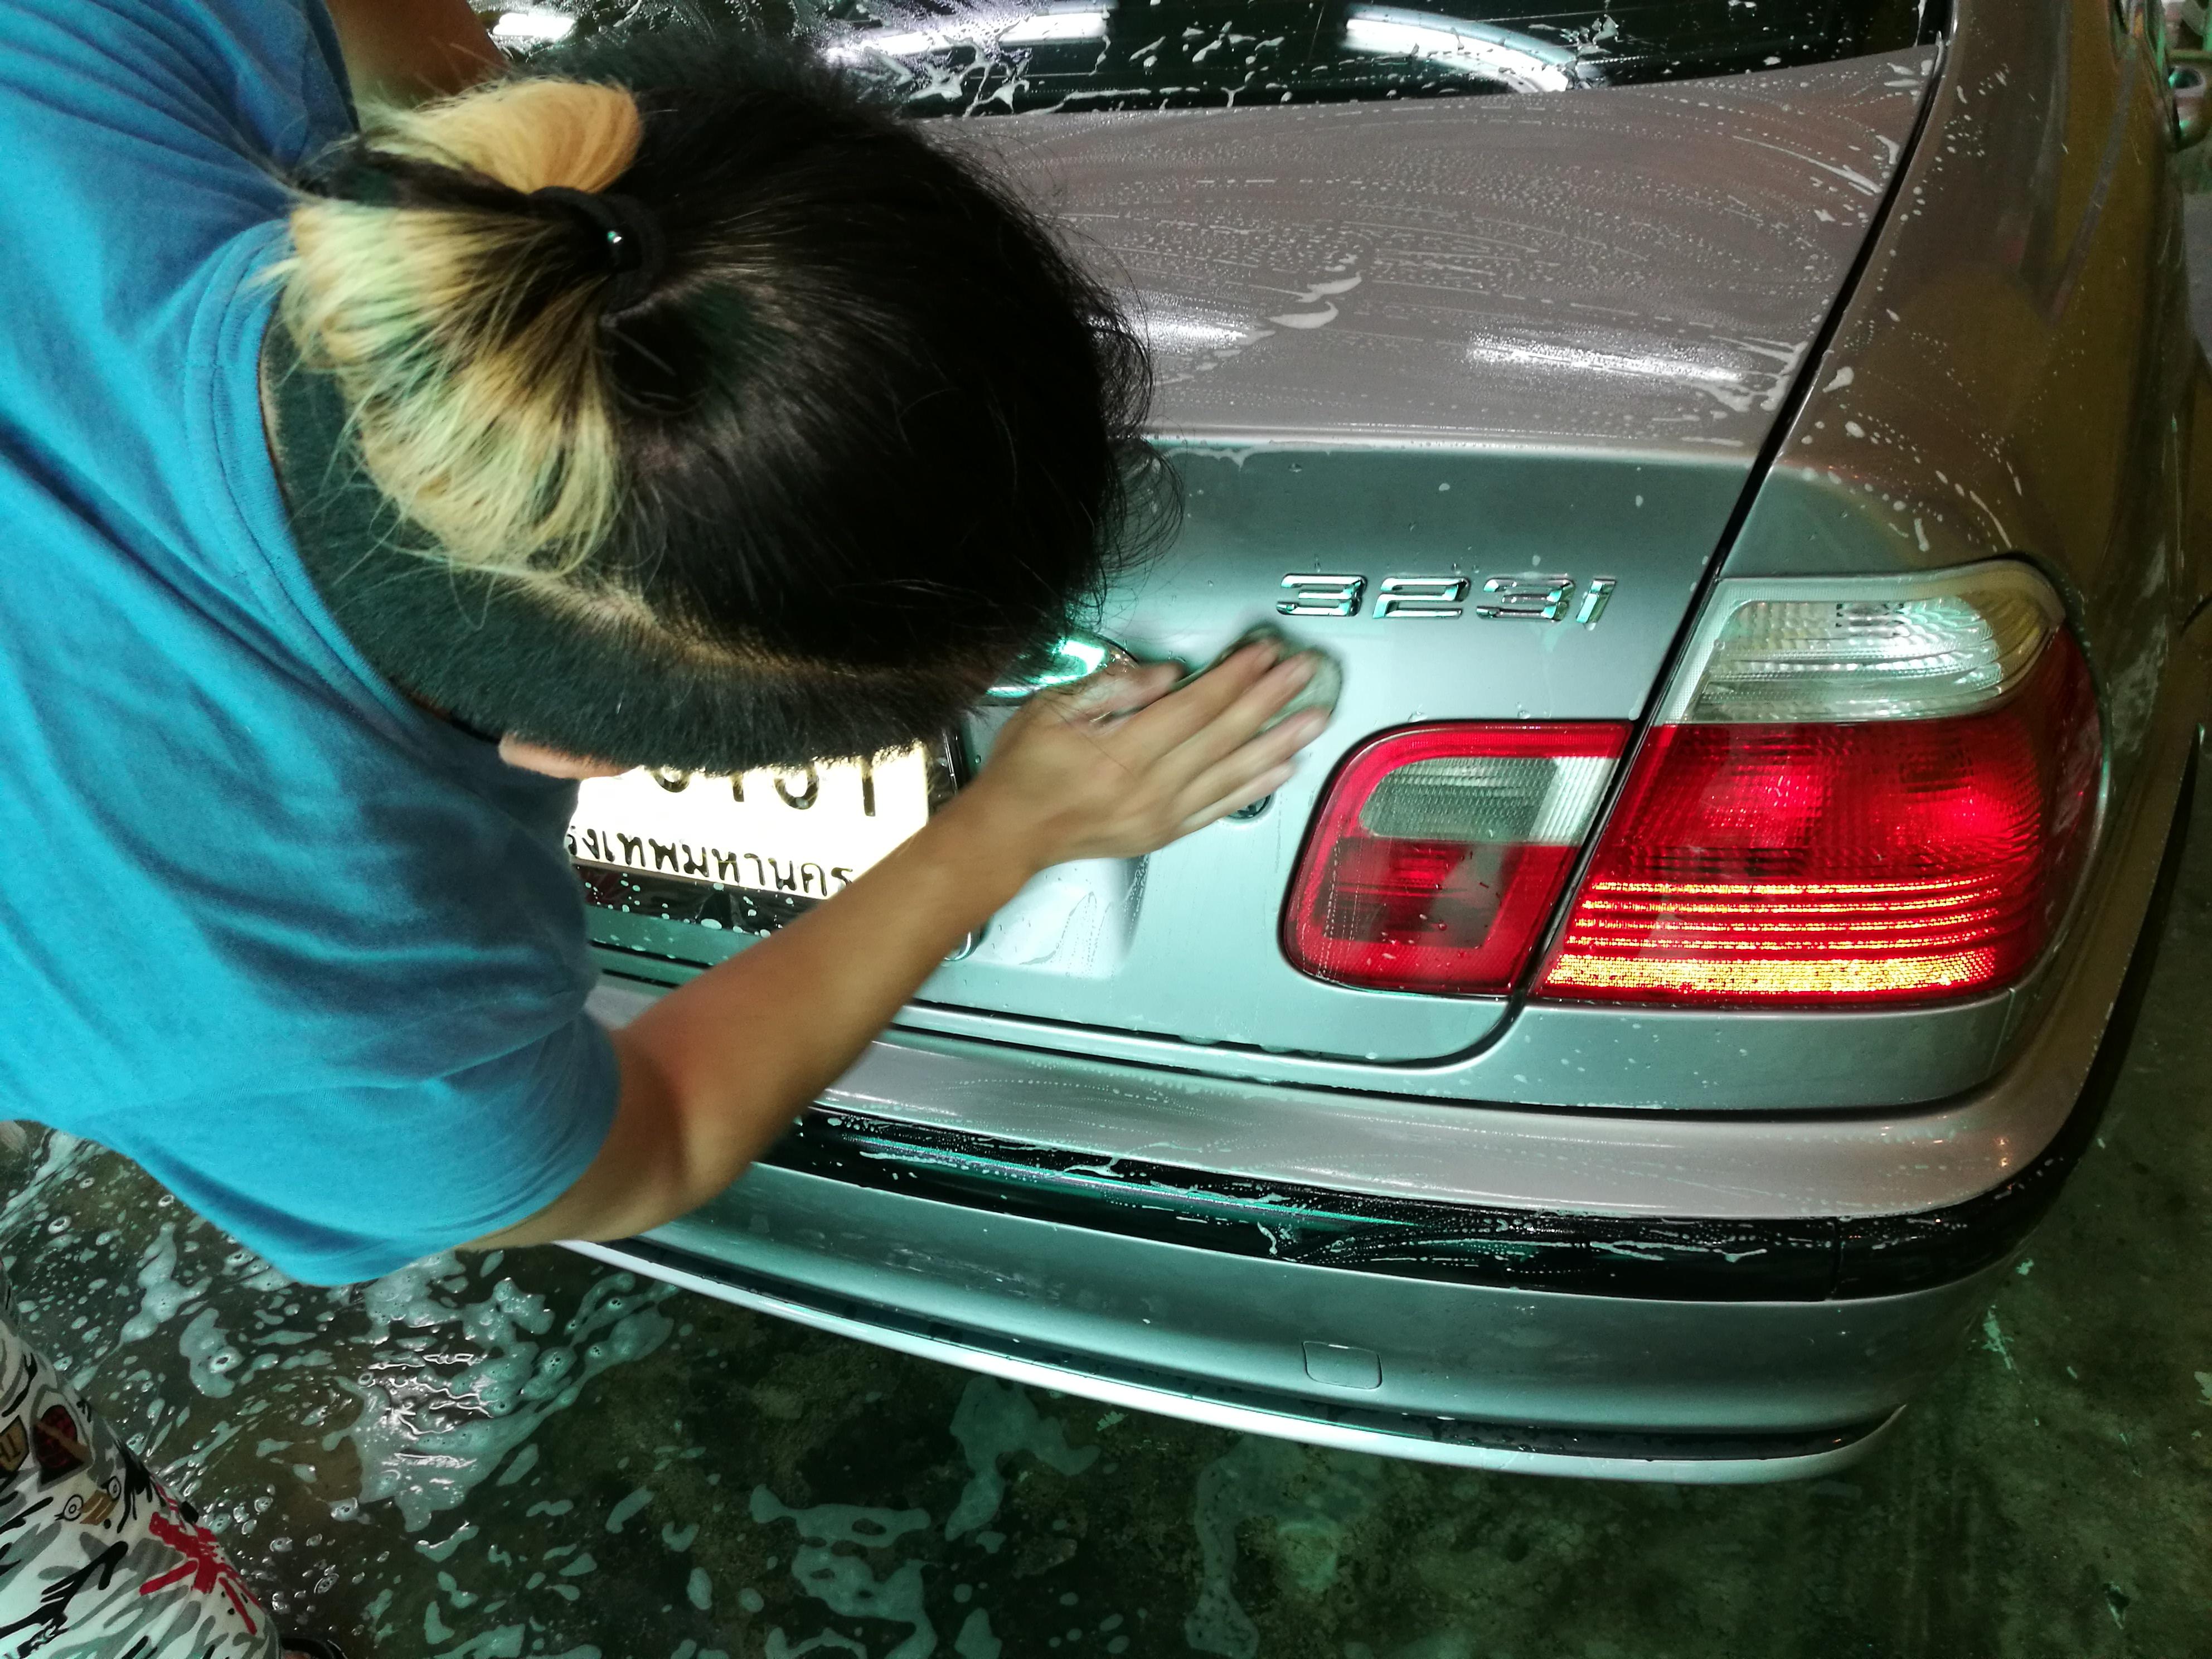 อบรมธุรกิจคาร์แคร์ สอนธุรกิจคาร์แคร์ ลูกค้าจากพะเยา Billion Care Car Wash